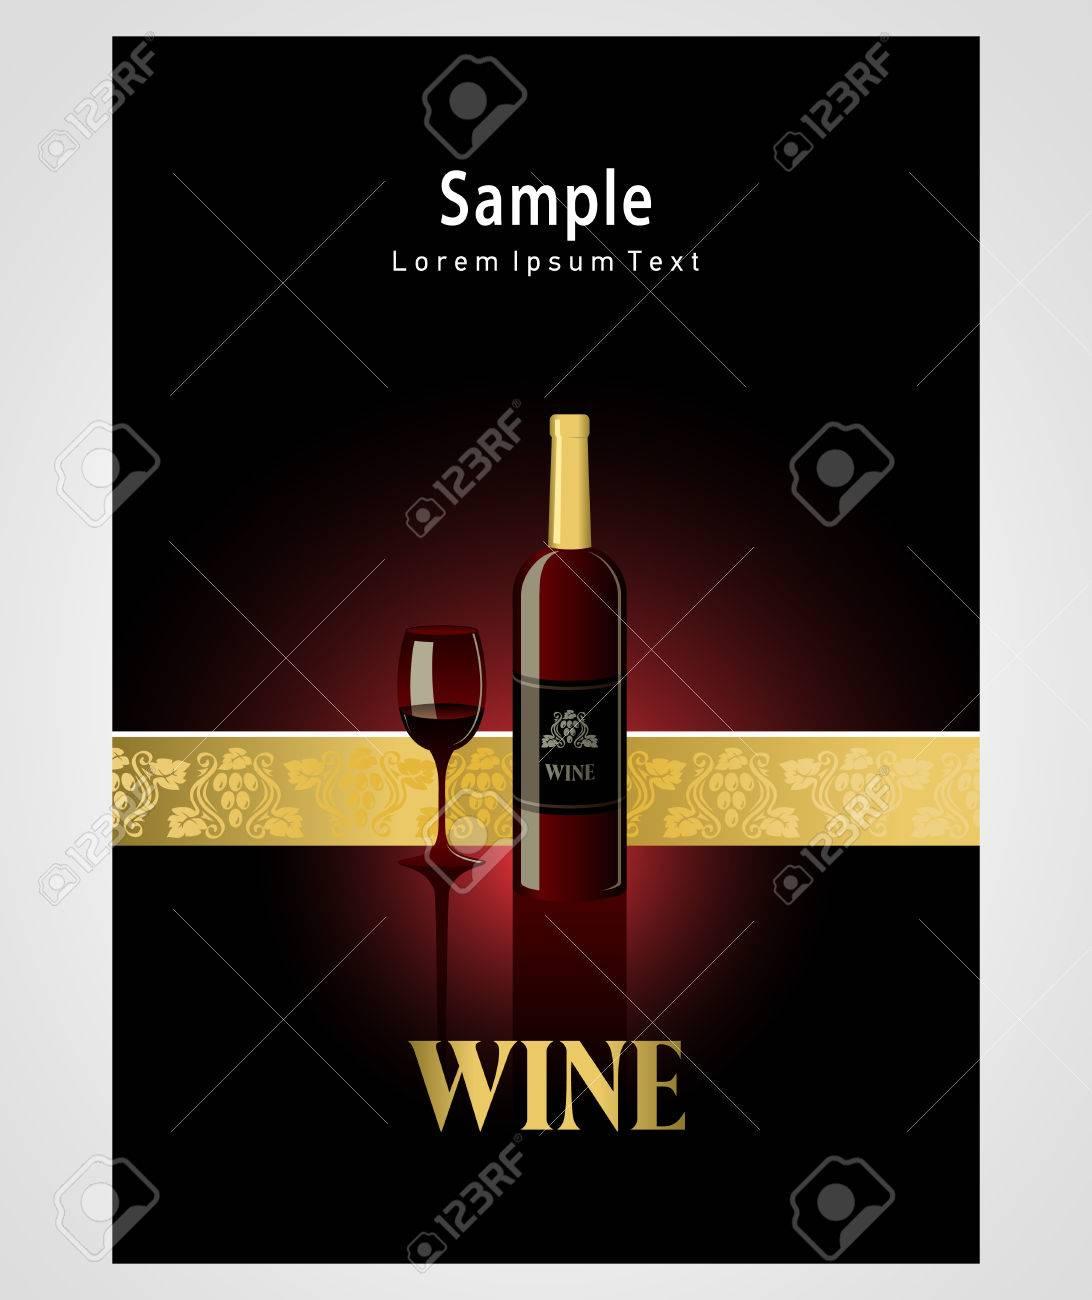 cover poster face wine red vine grape ornament - 57696644